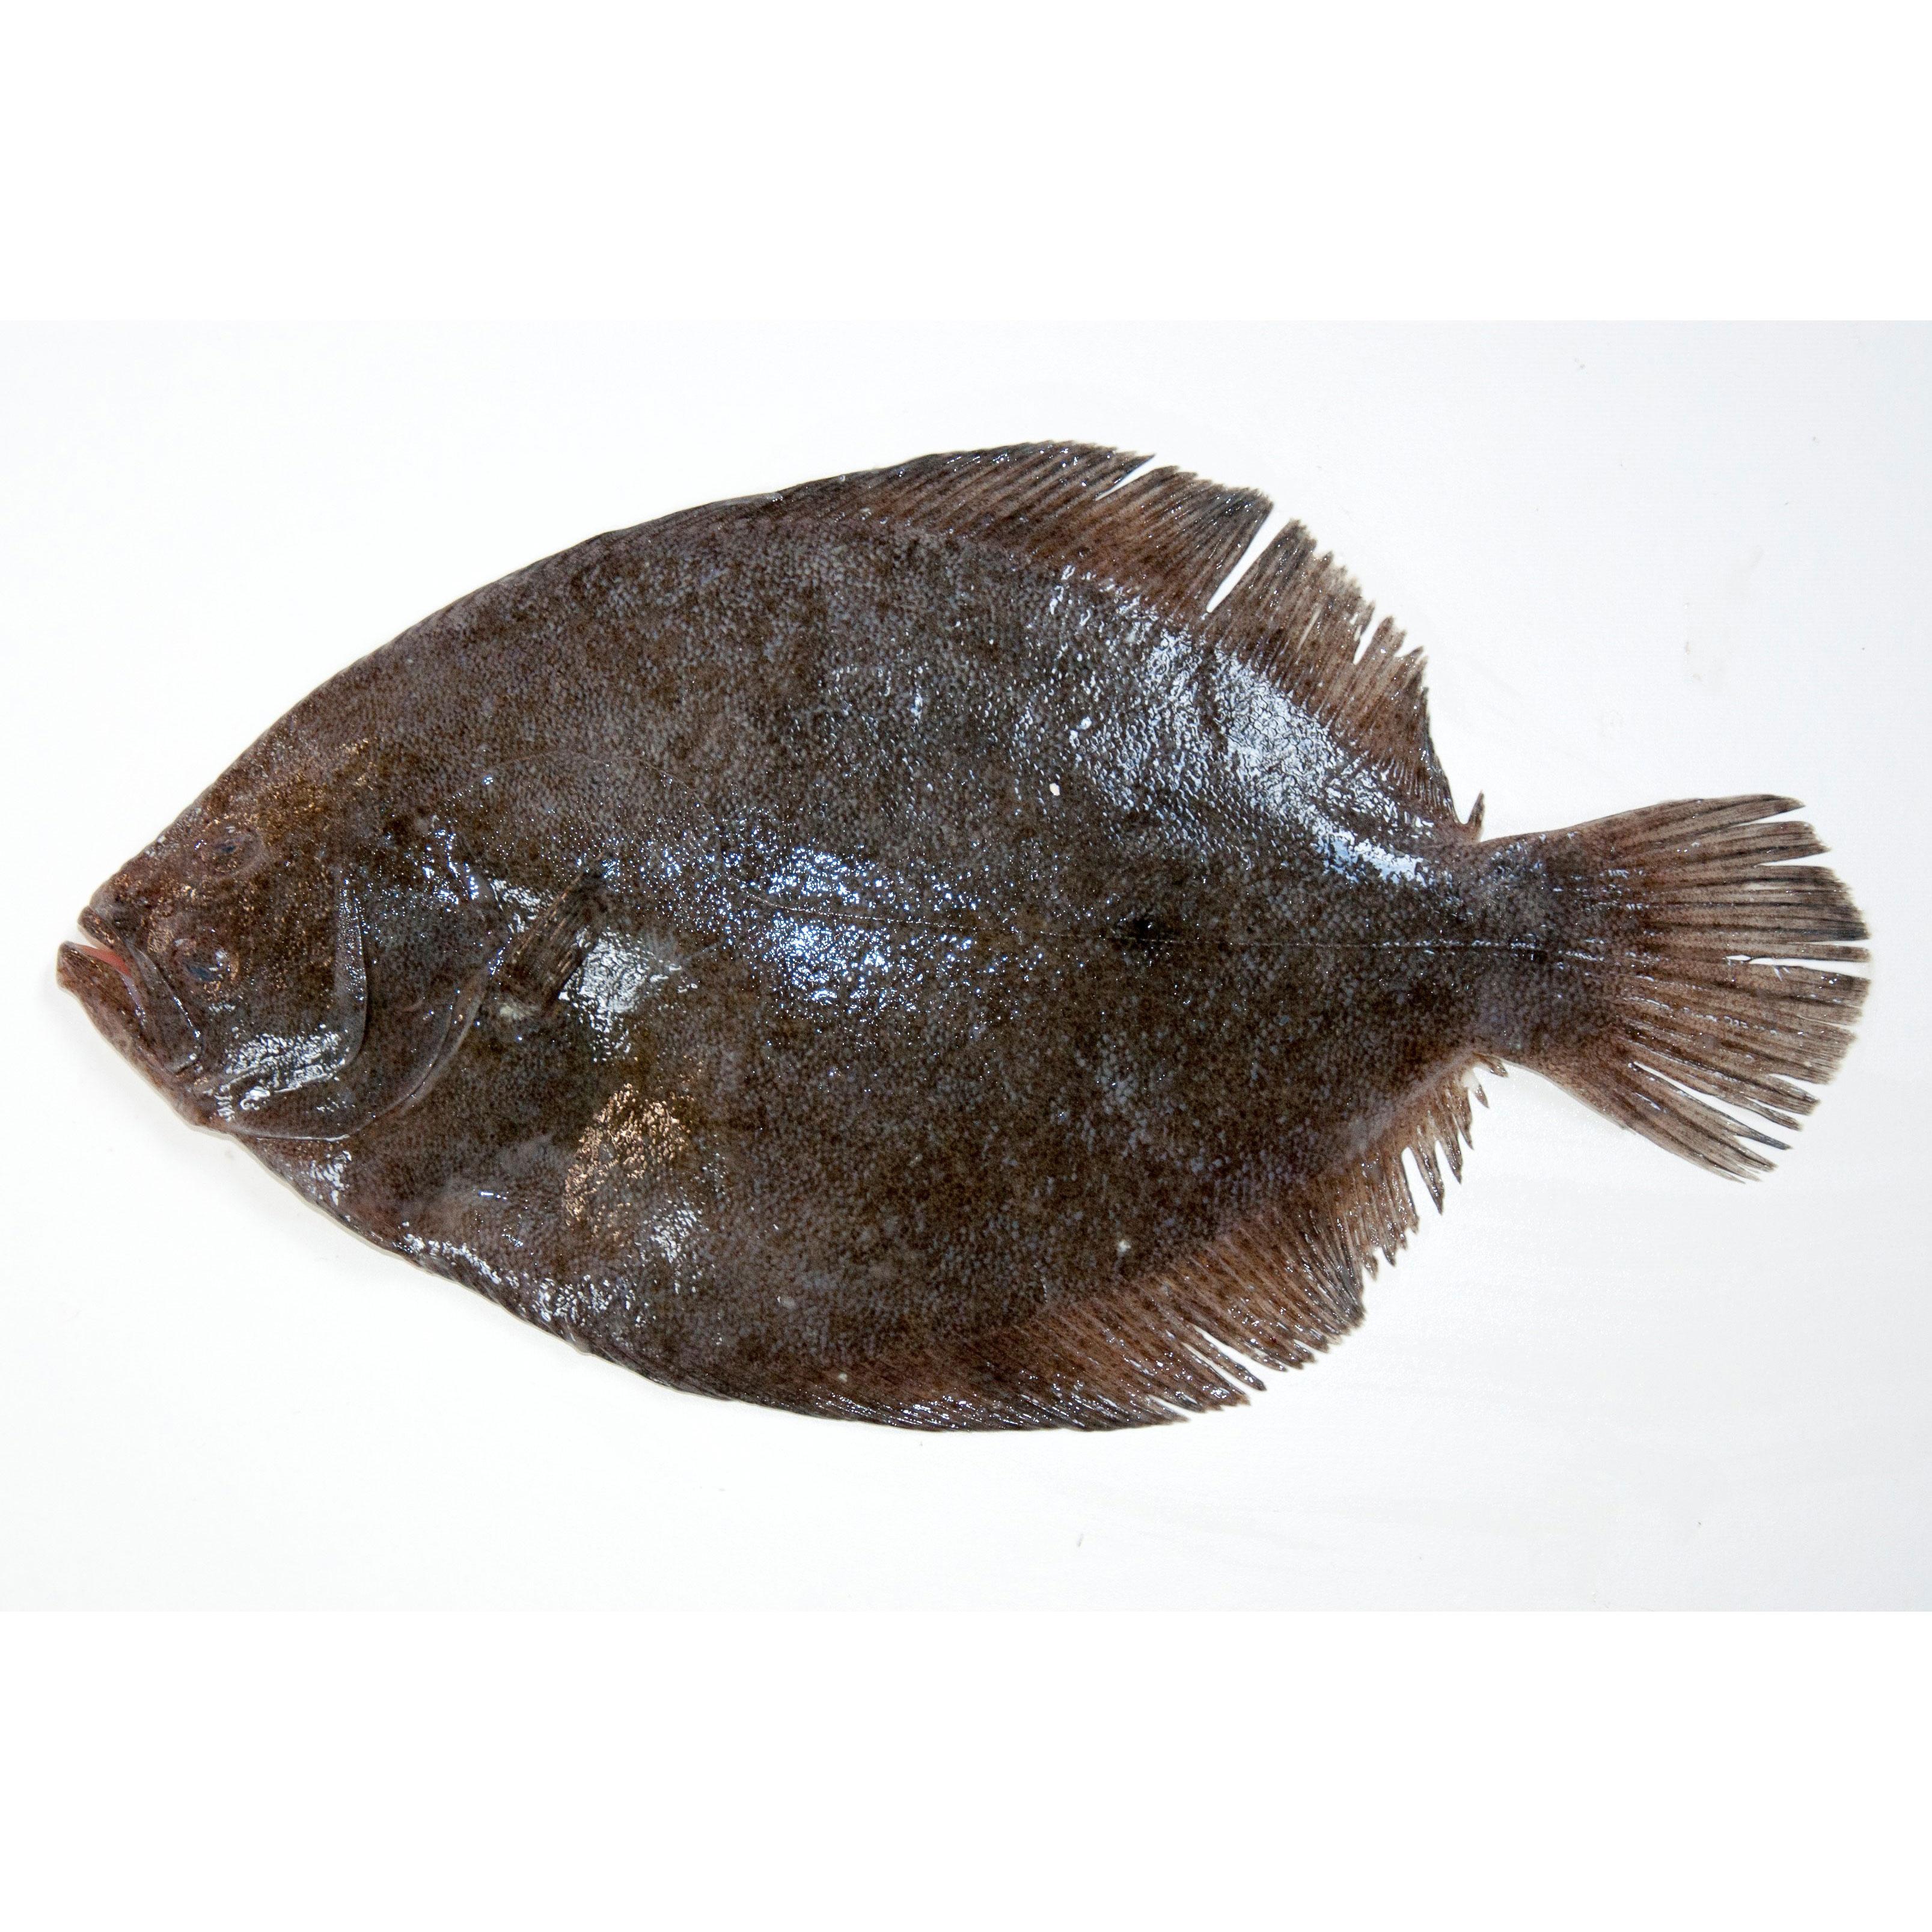 Turbot - Northumberland Seafood